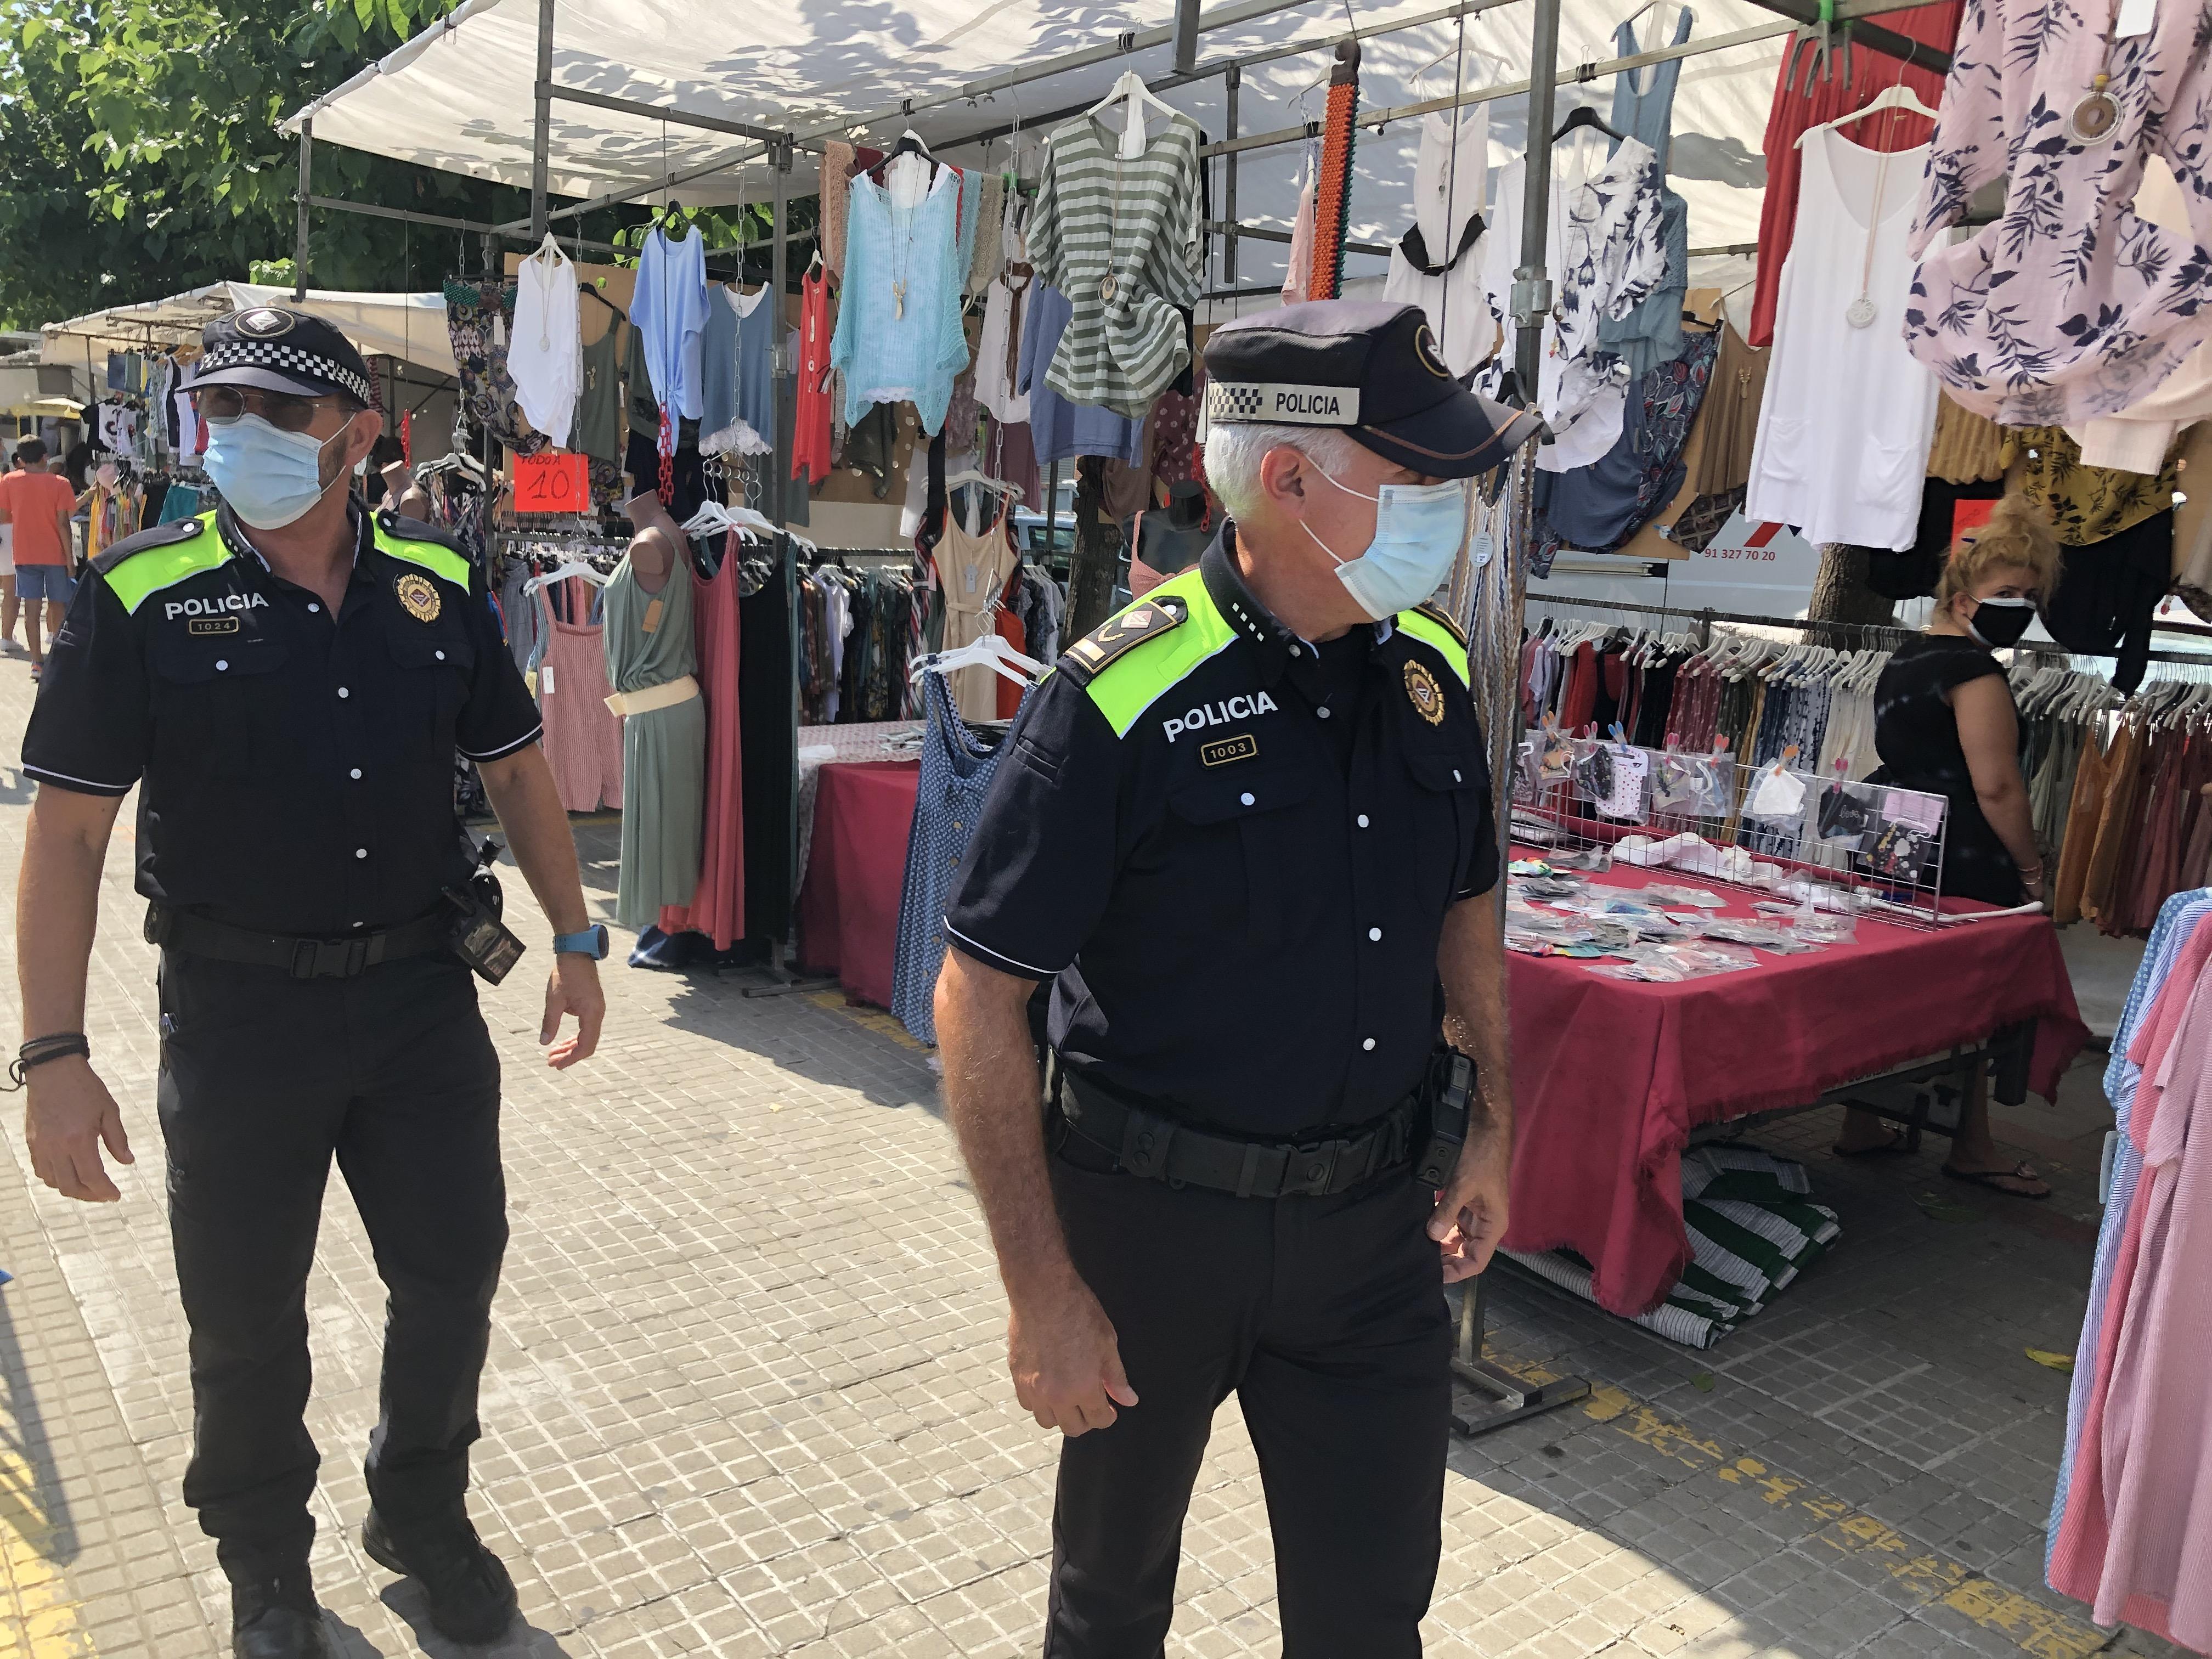 La Policia Local aixeca 79 actes de sanció per incompliments anti-covid-19